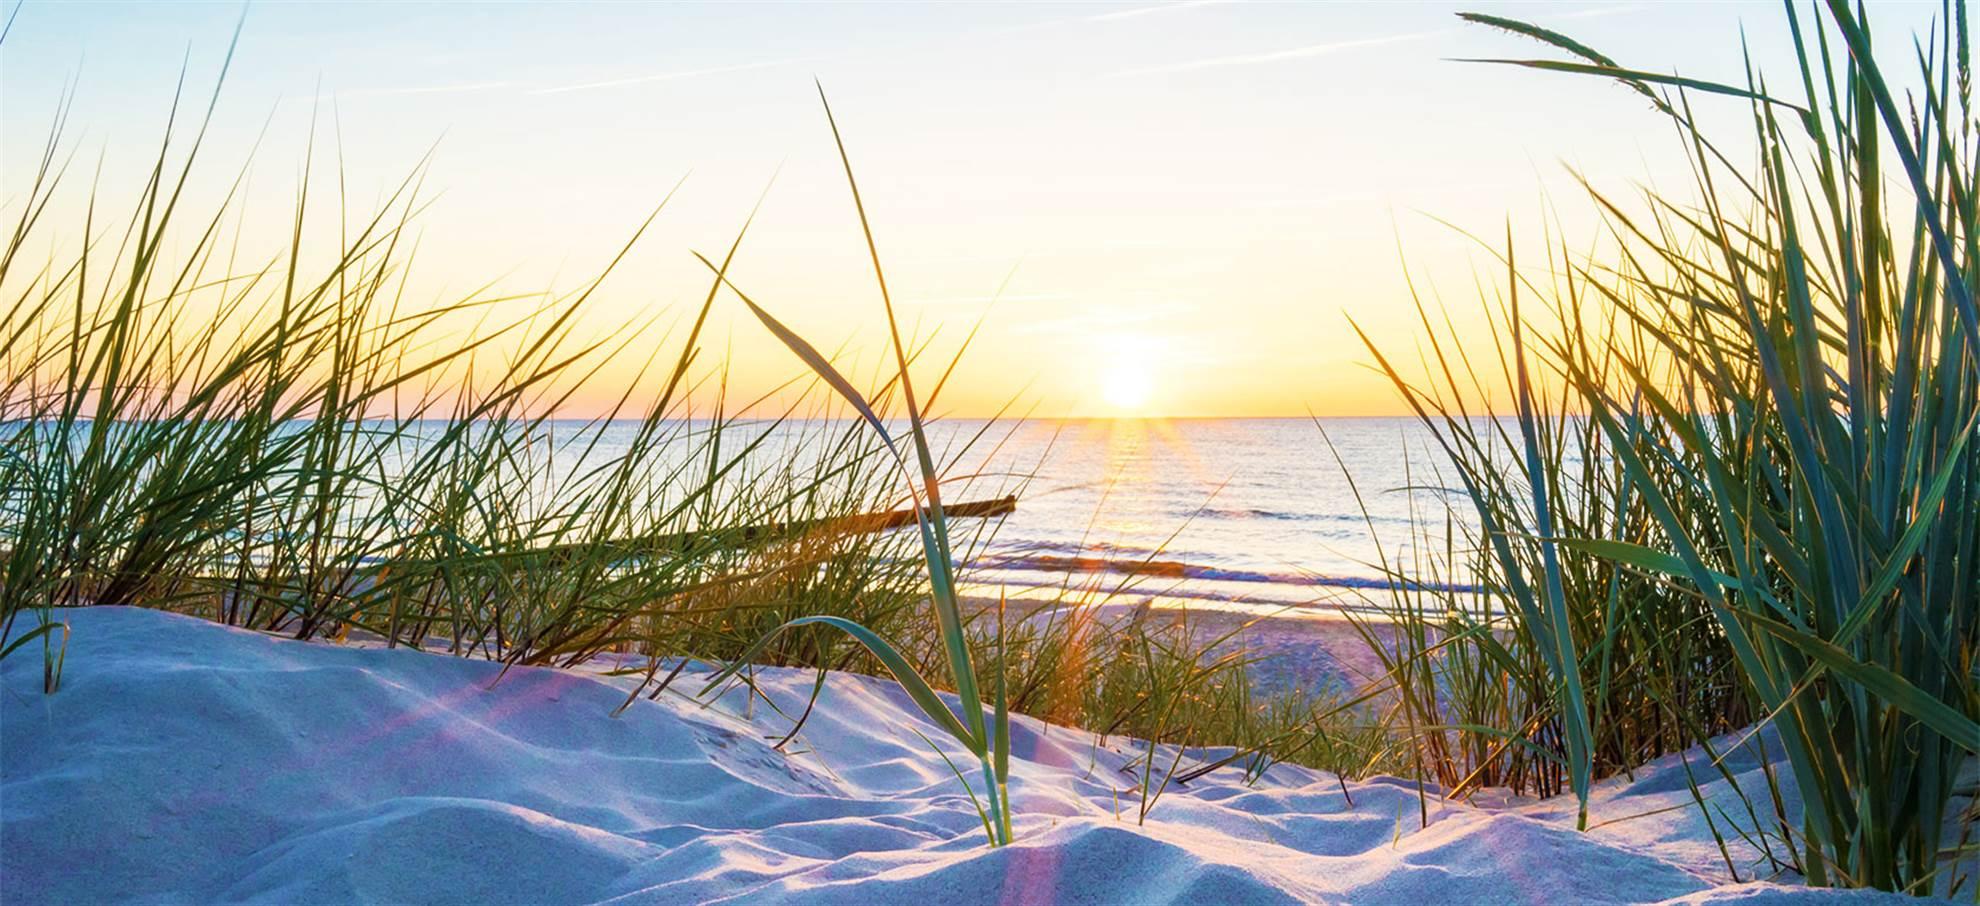 La plage et les dunes: le pays sous le niveau de la mer